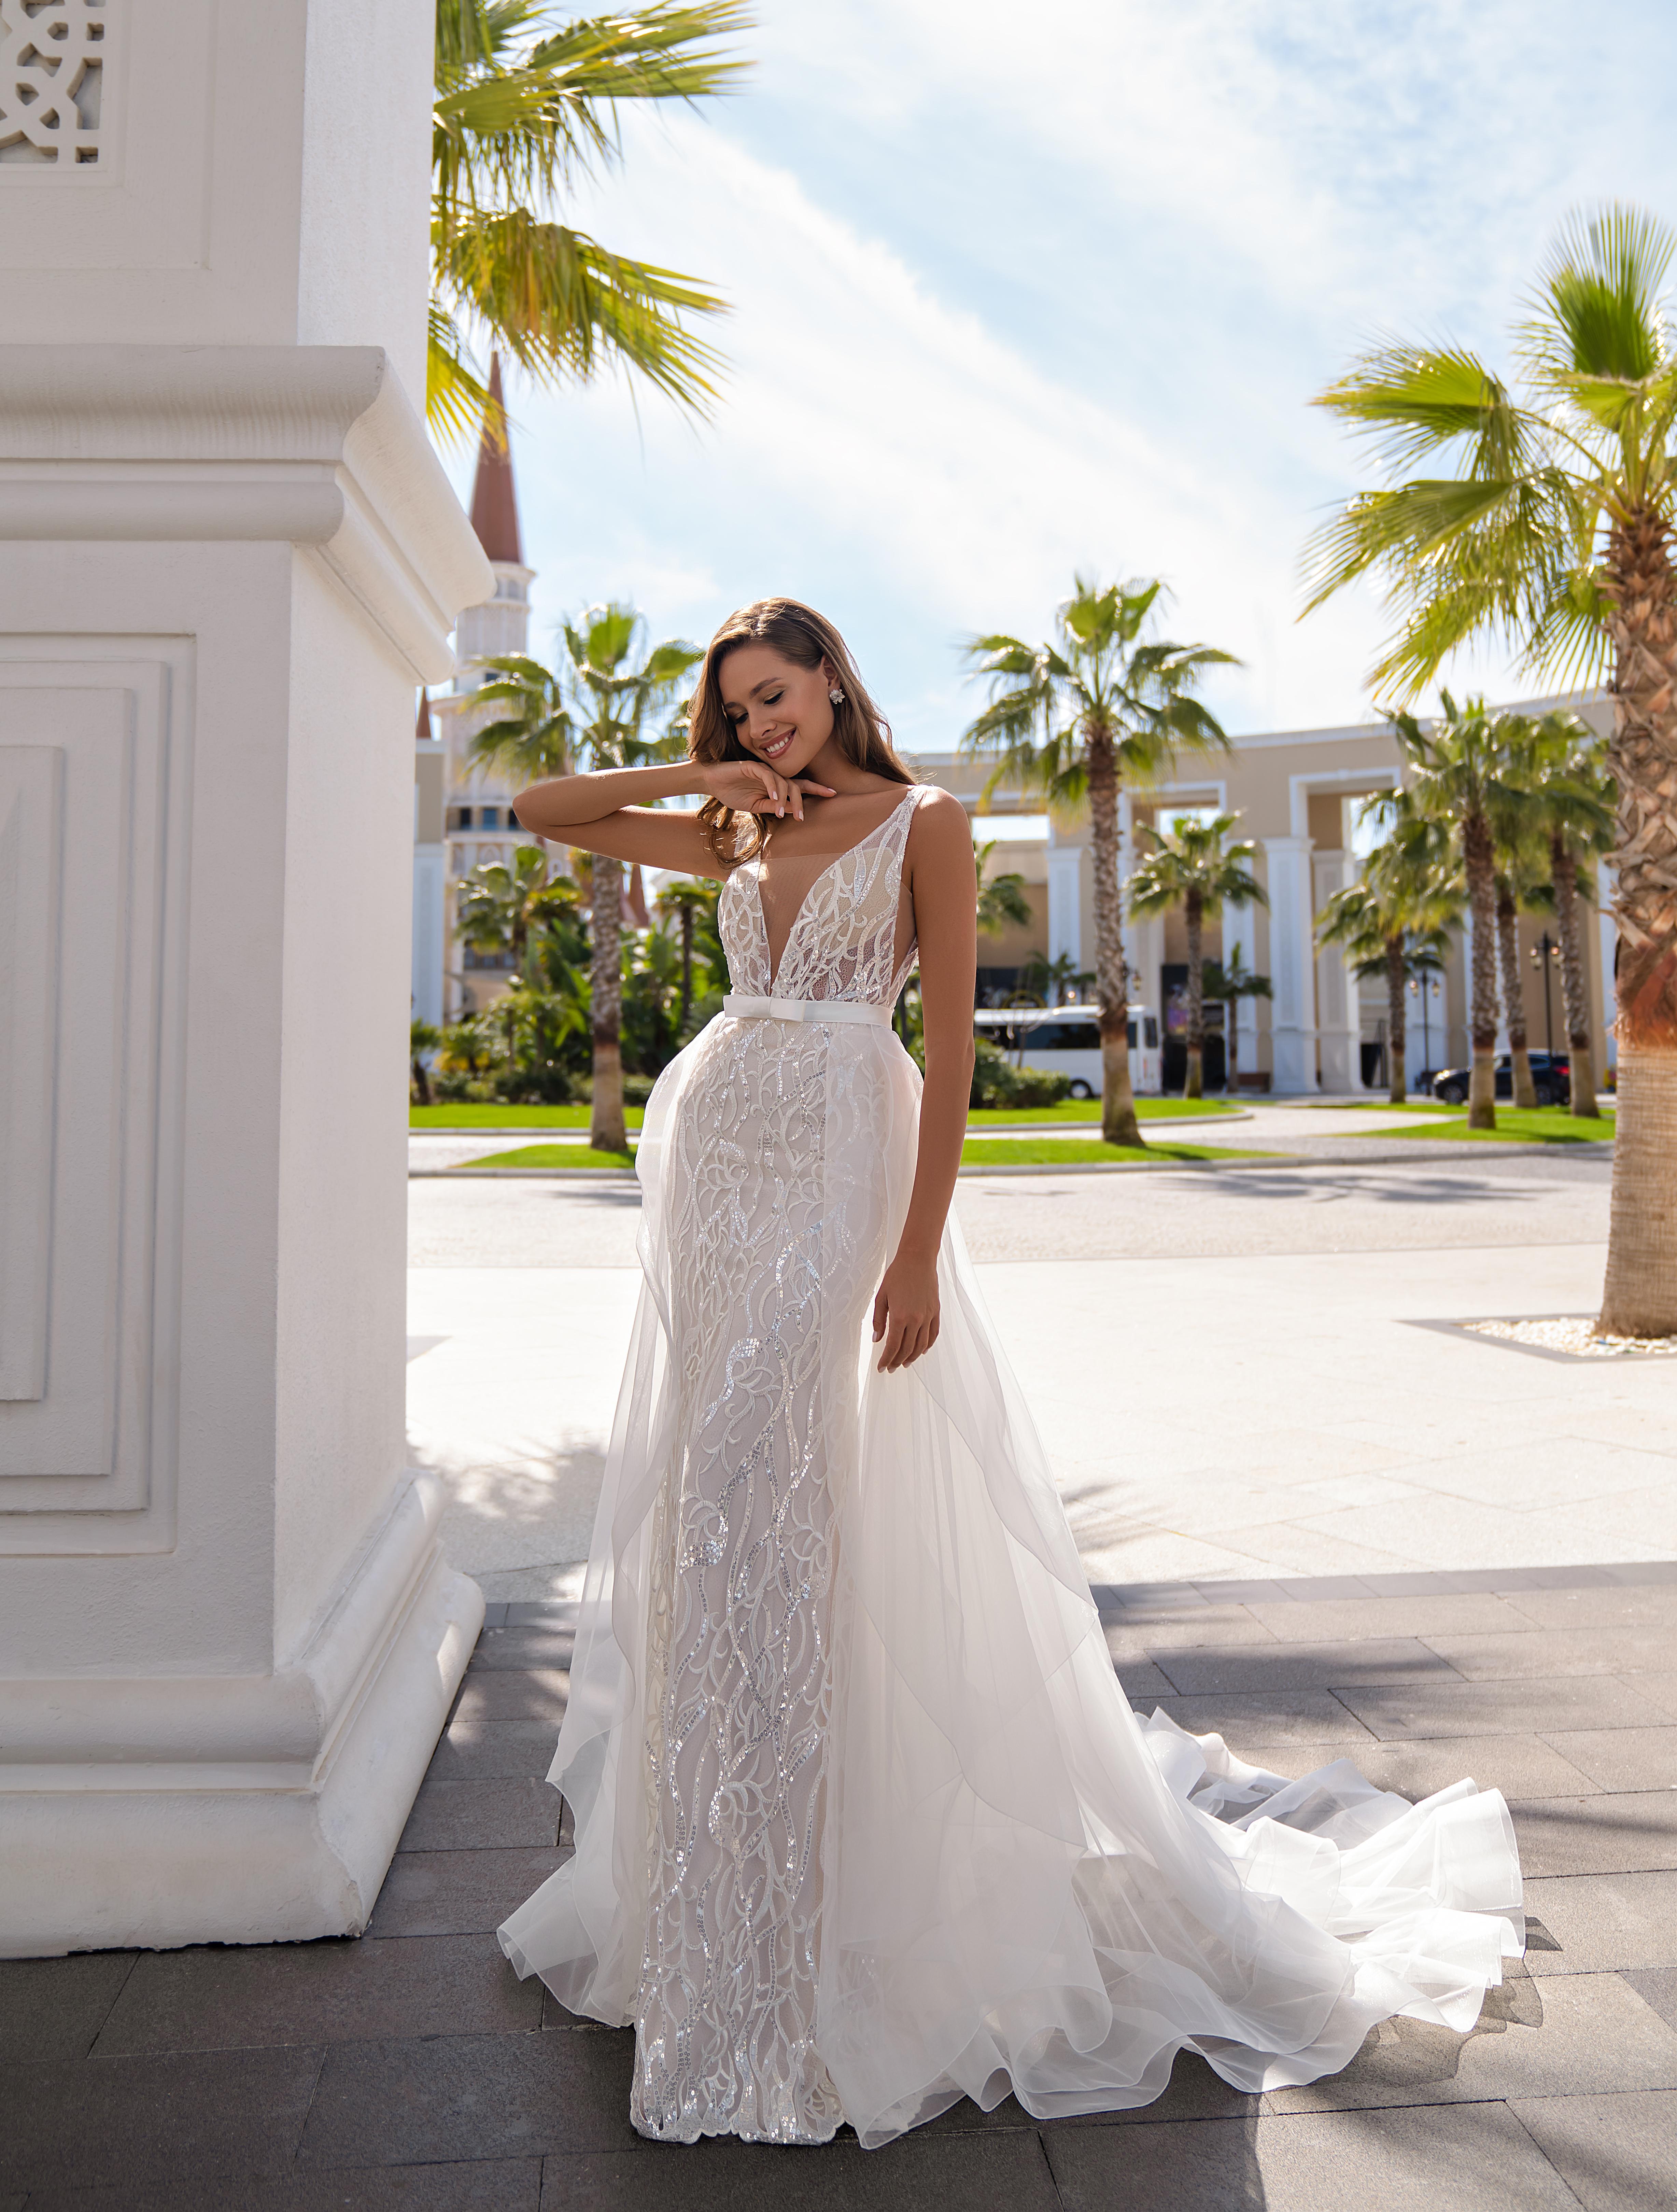 Un set de nunta impresionant, constând dintr-o rochie de dantelă, cu bretele, stil sirenă și o trenă detașabilă-1